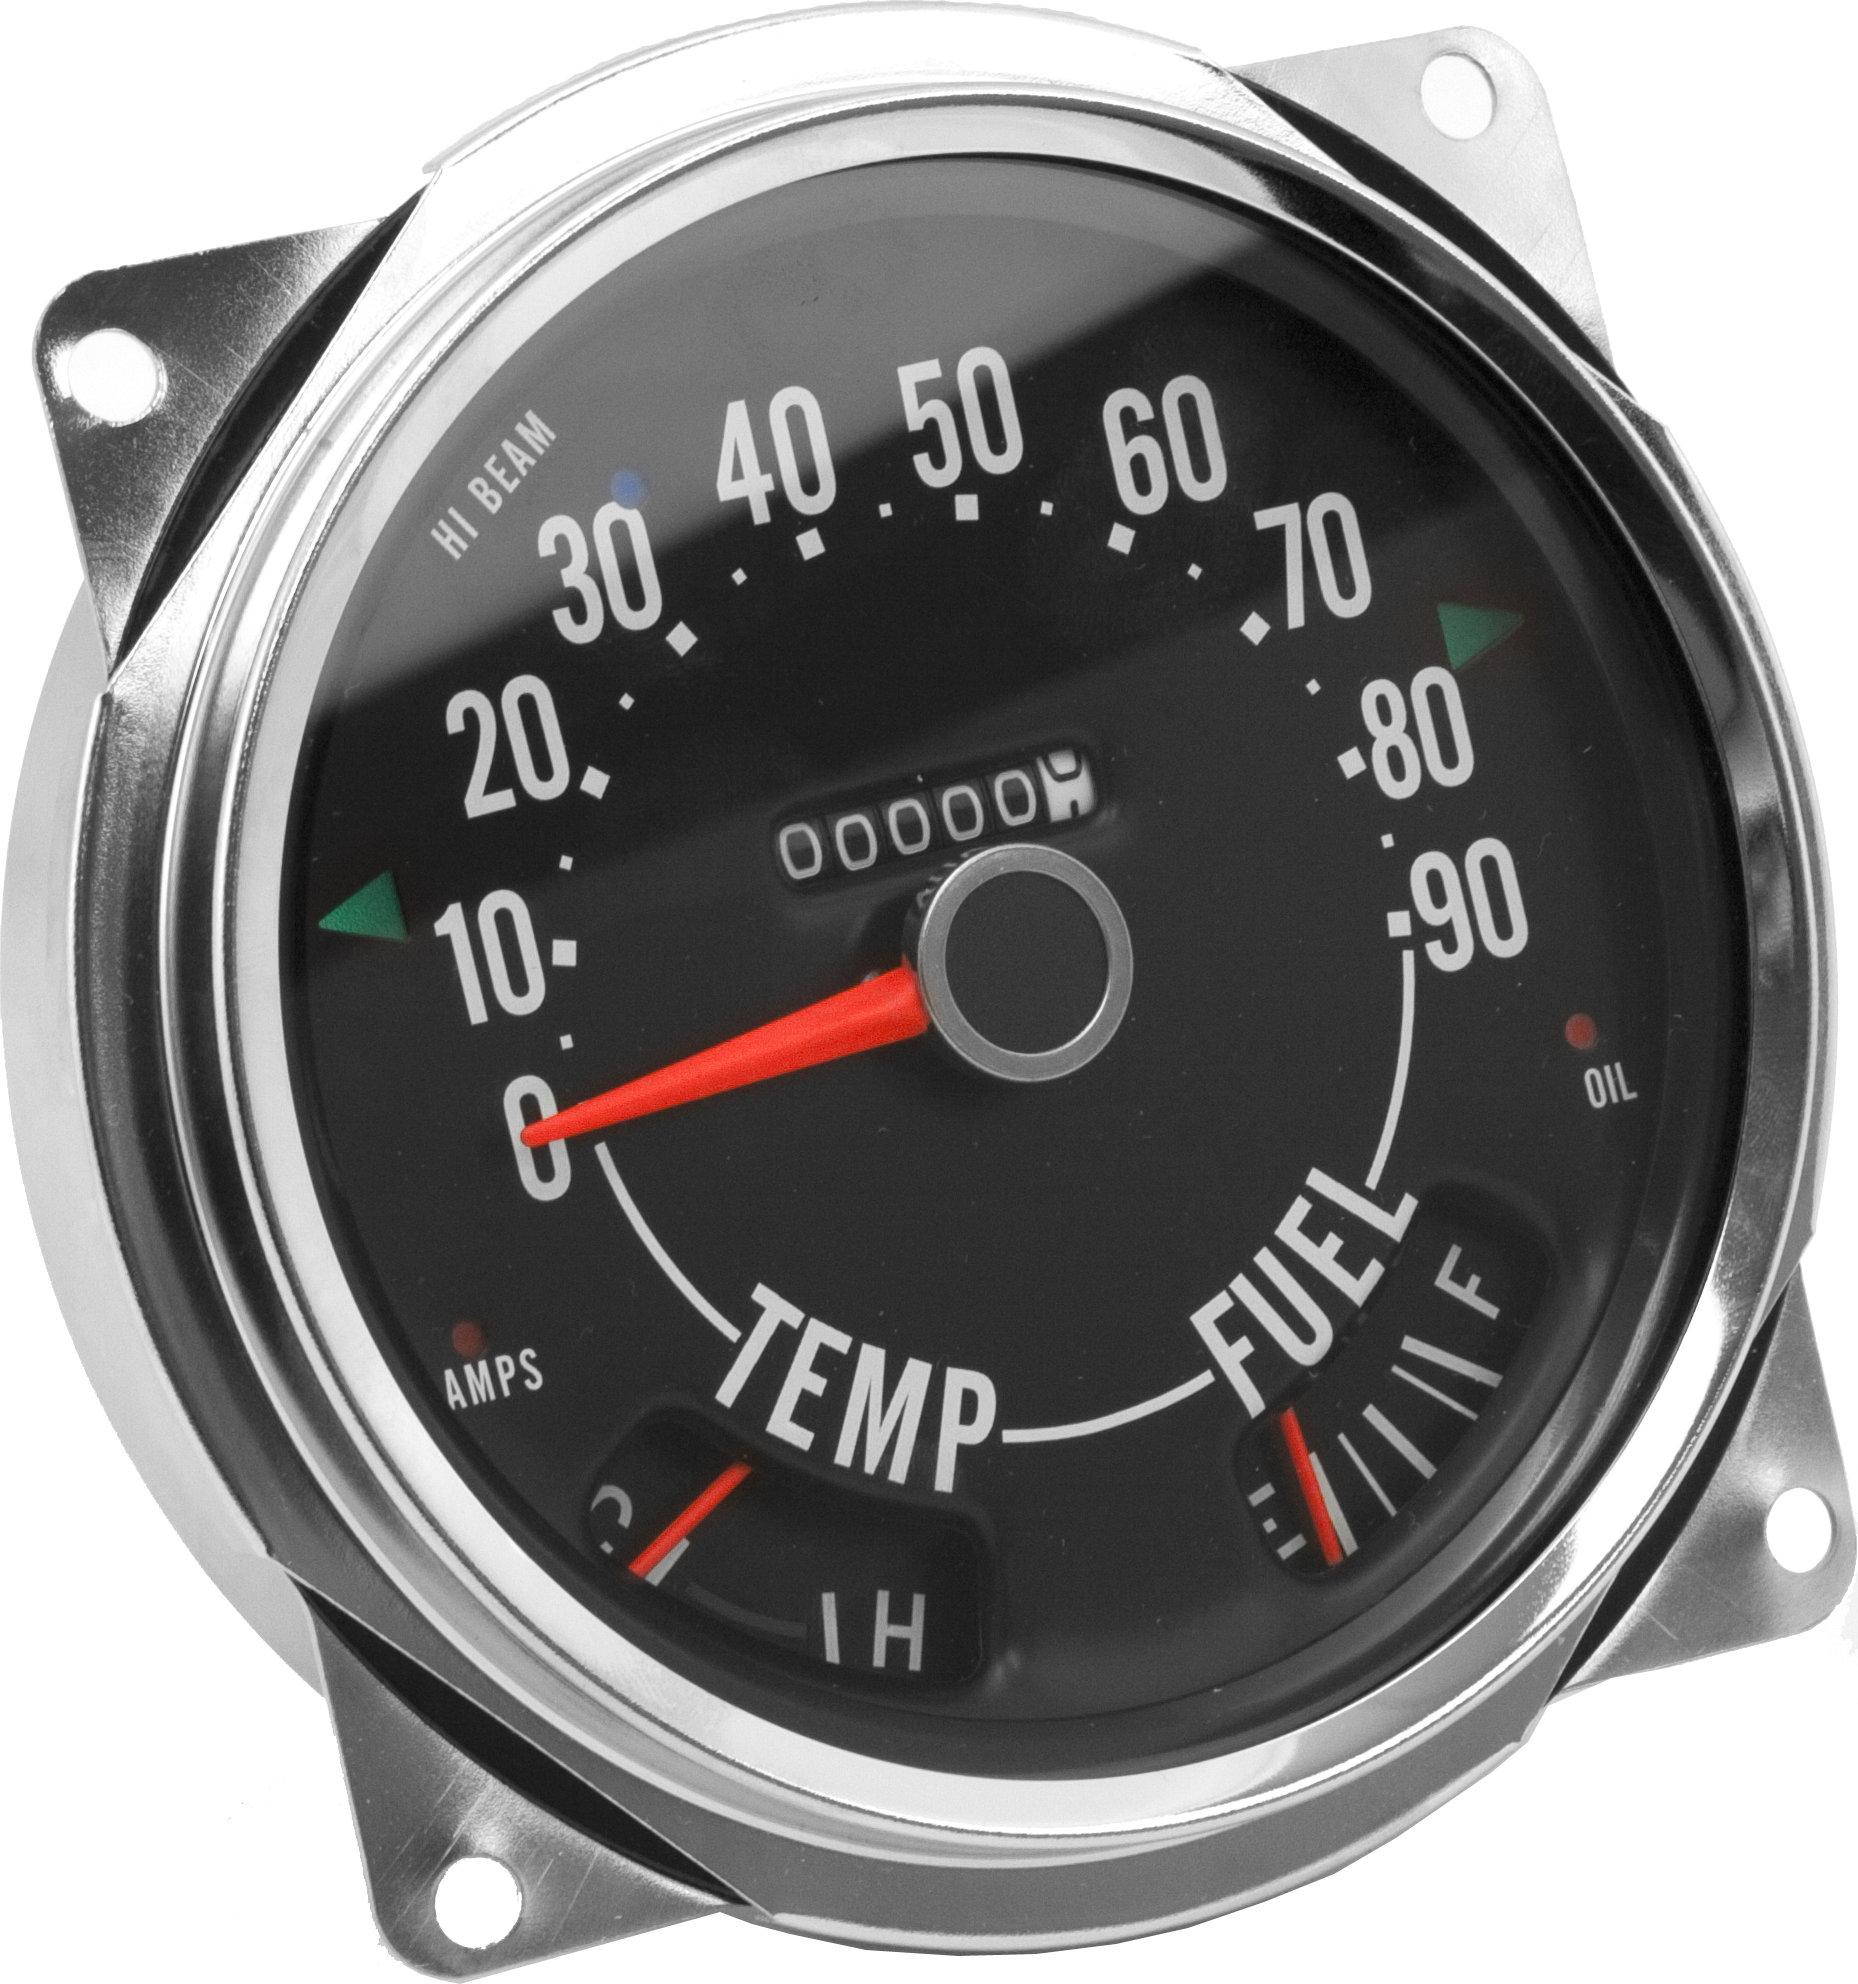 hight resolution of crown automotive 914845 speedometer cluster 0 90 mph for 55 79 jeep cj 5 cj 6 cj 7 quadratec